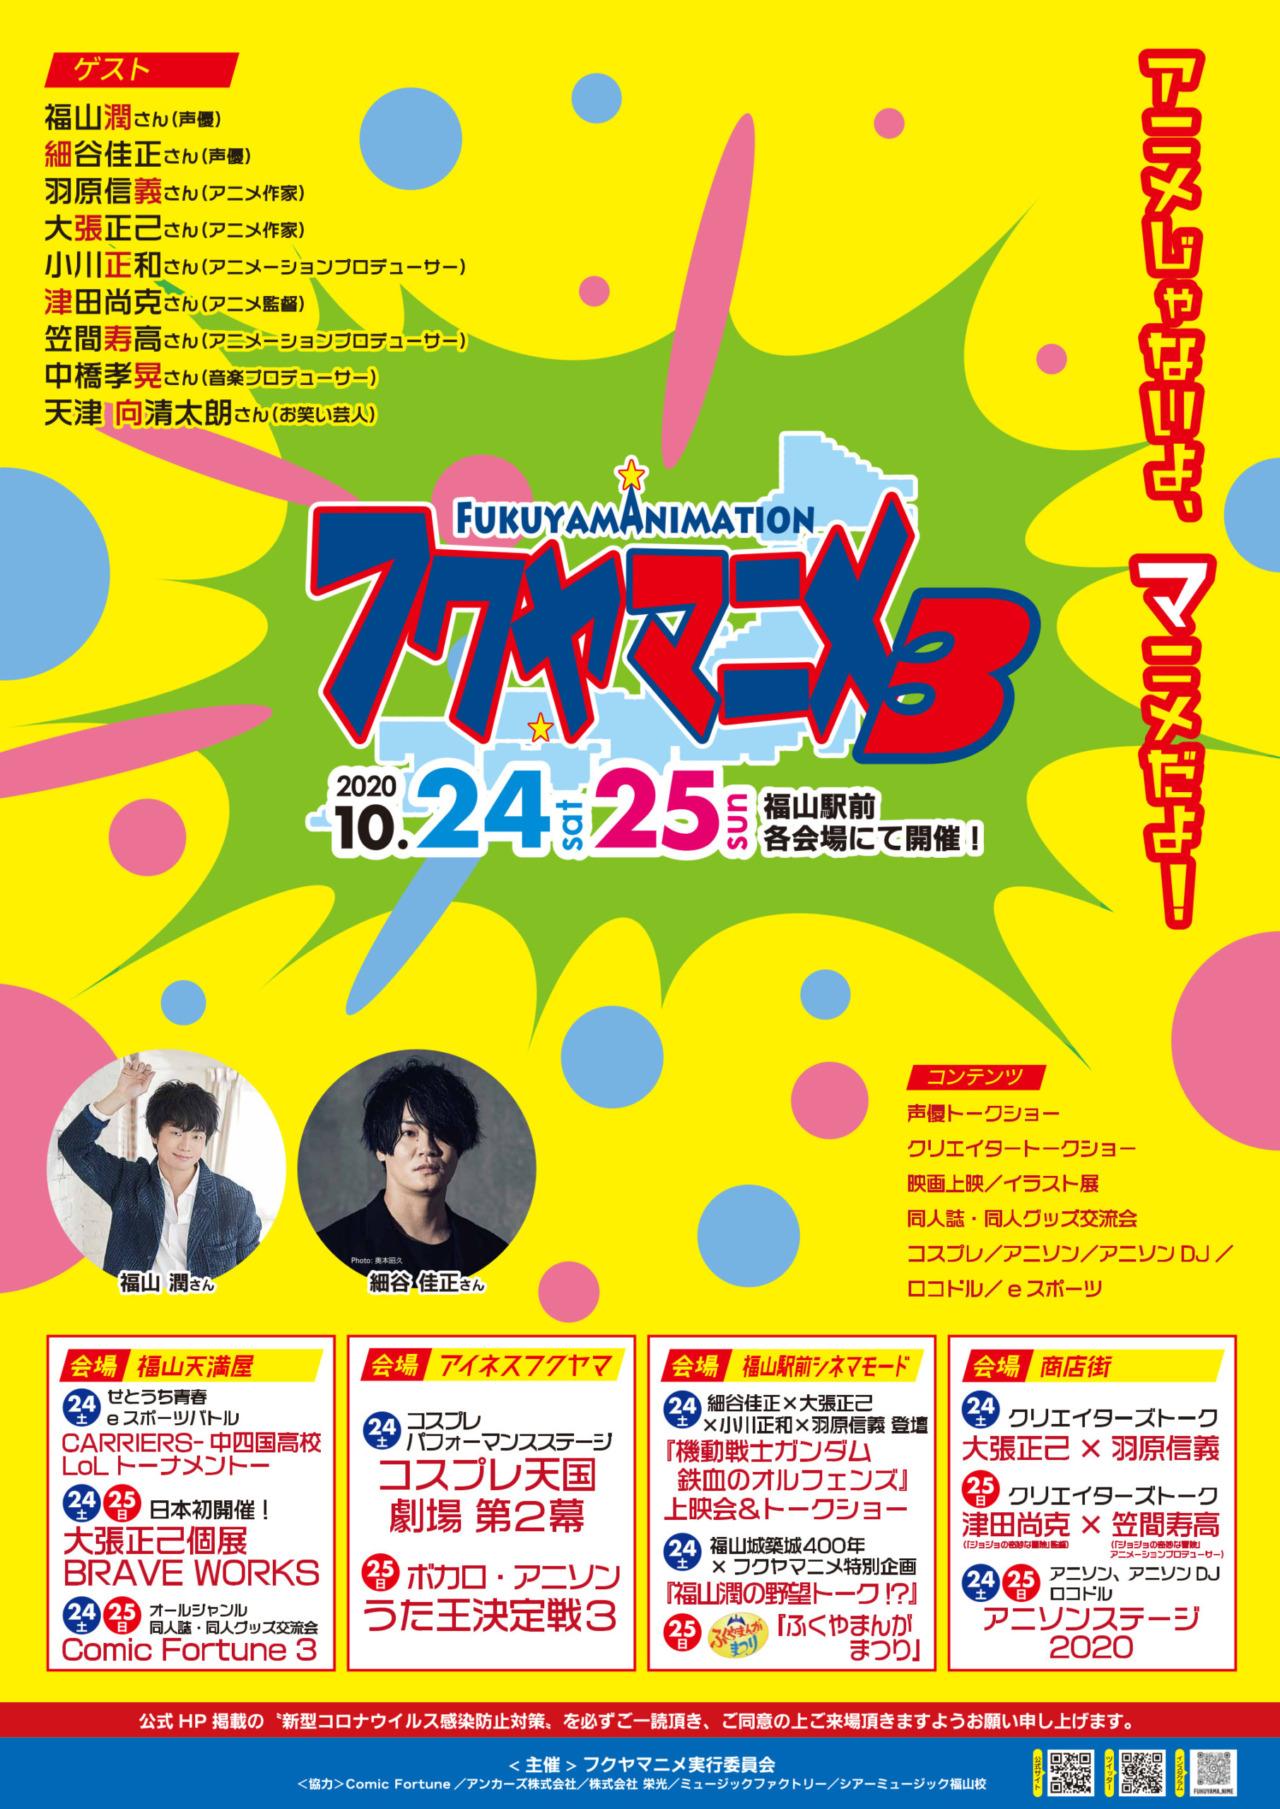 広島エリア最大級の福山市アニメイベント『フクヤマニメ3』が開催!【JR福山駅周辺】